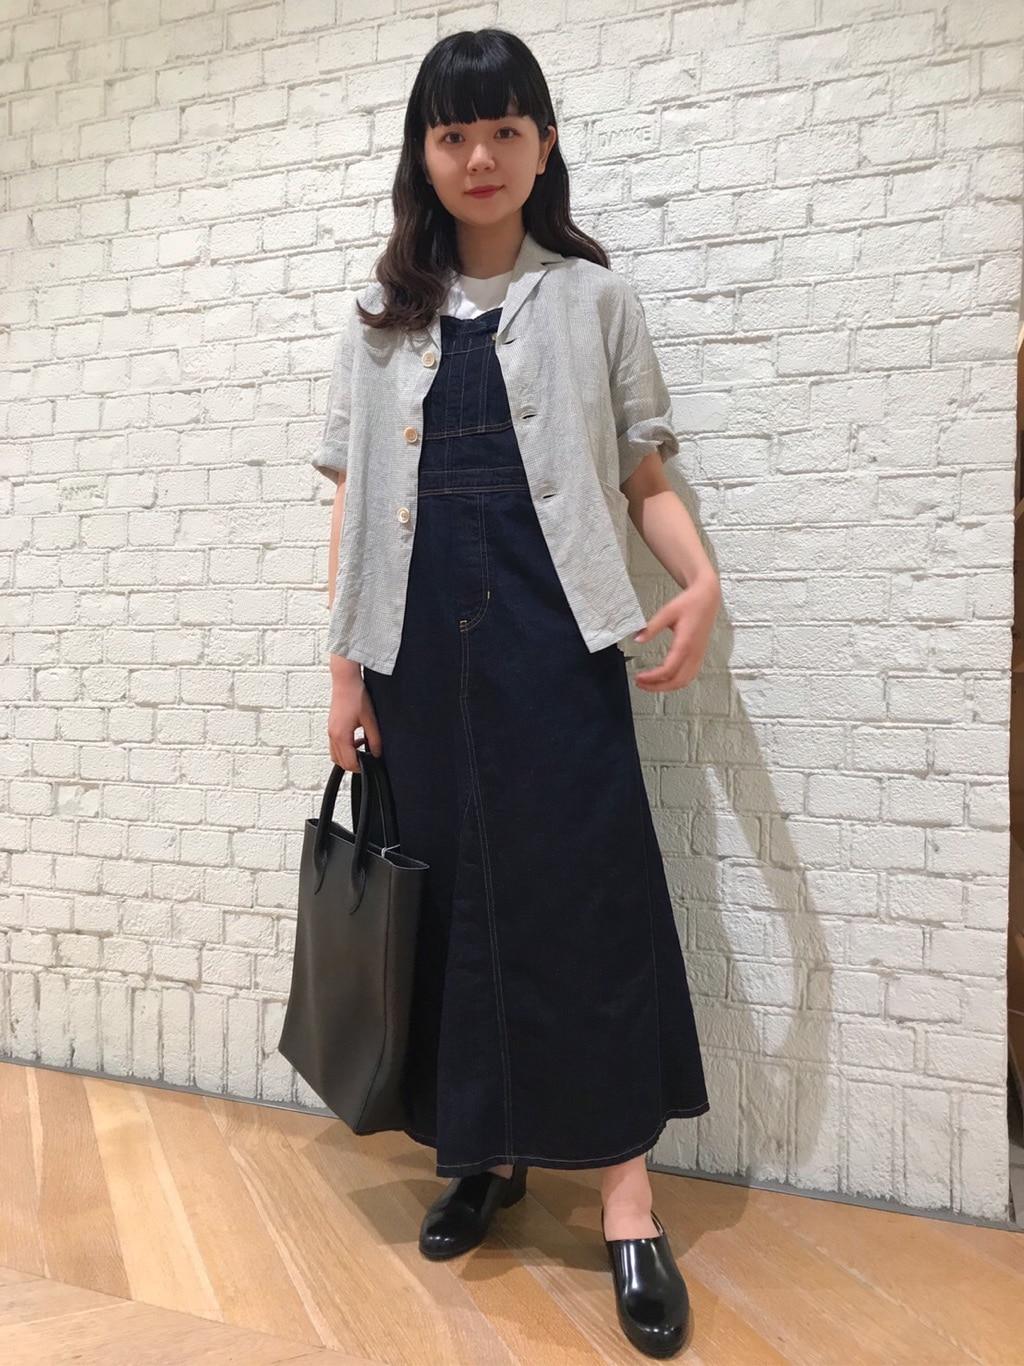 l'atelier du savon 東京スカイツリータウン・ソラマチ 身長:154cm 2020.06.06